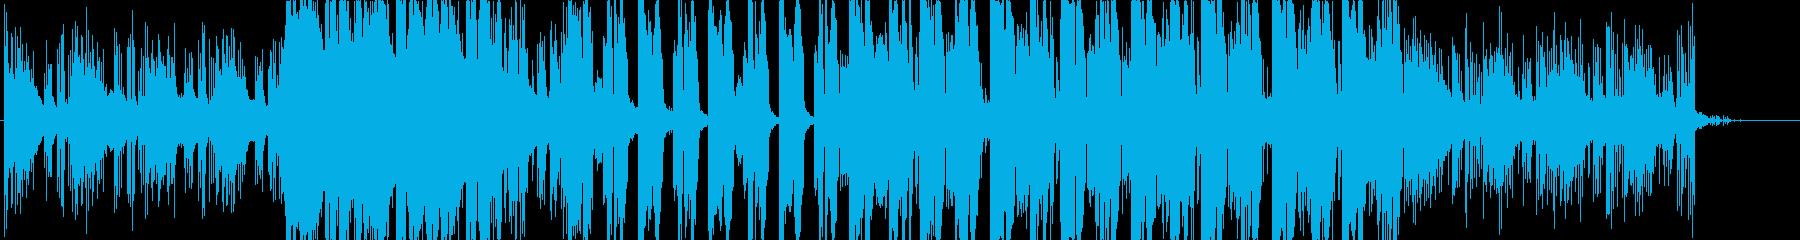 イントロが印象的なおしゃれなエレクトロの再生済みの波形